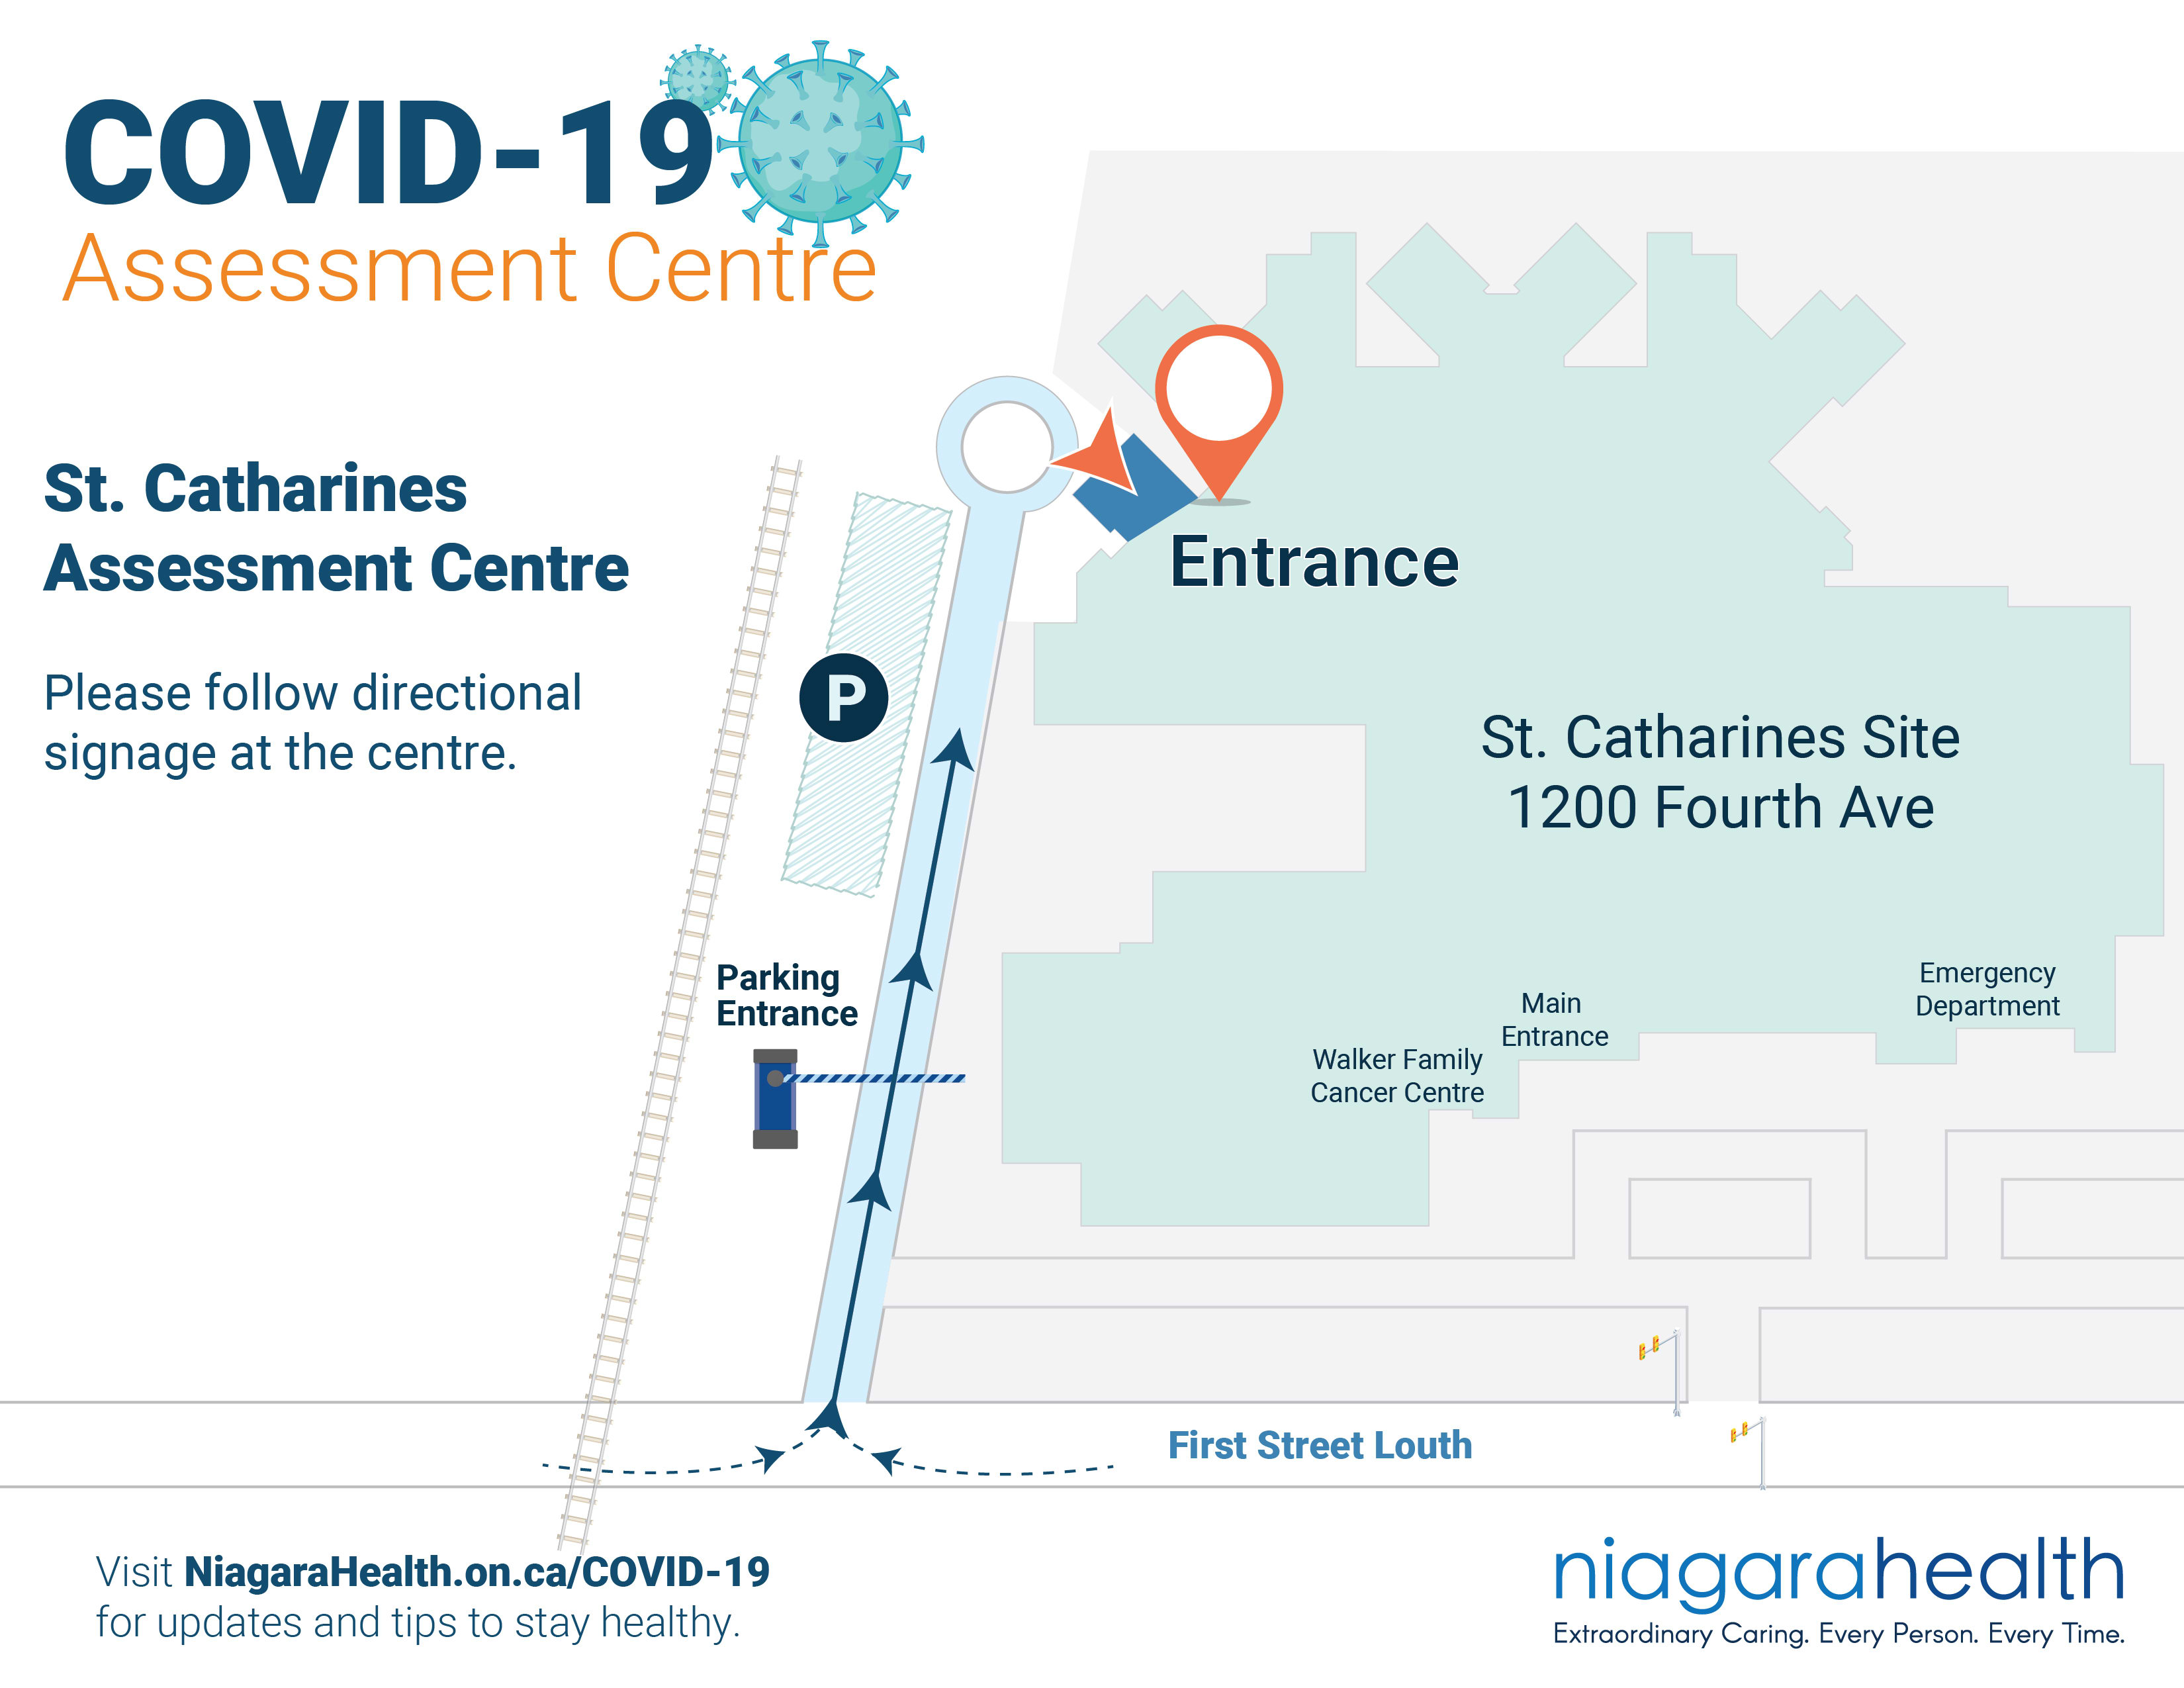 St. Catharines Assessment Centre